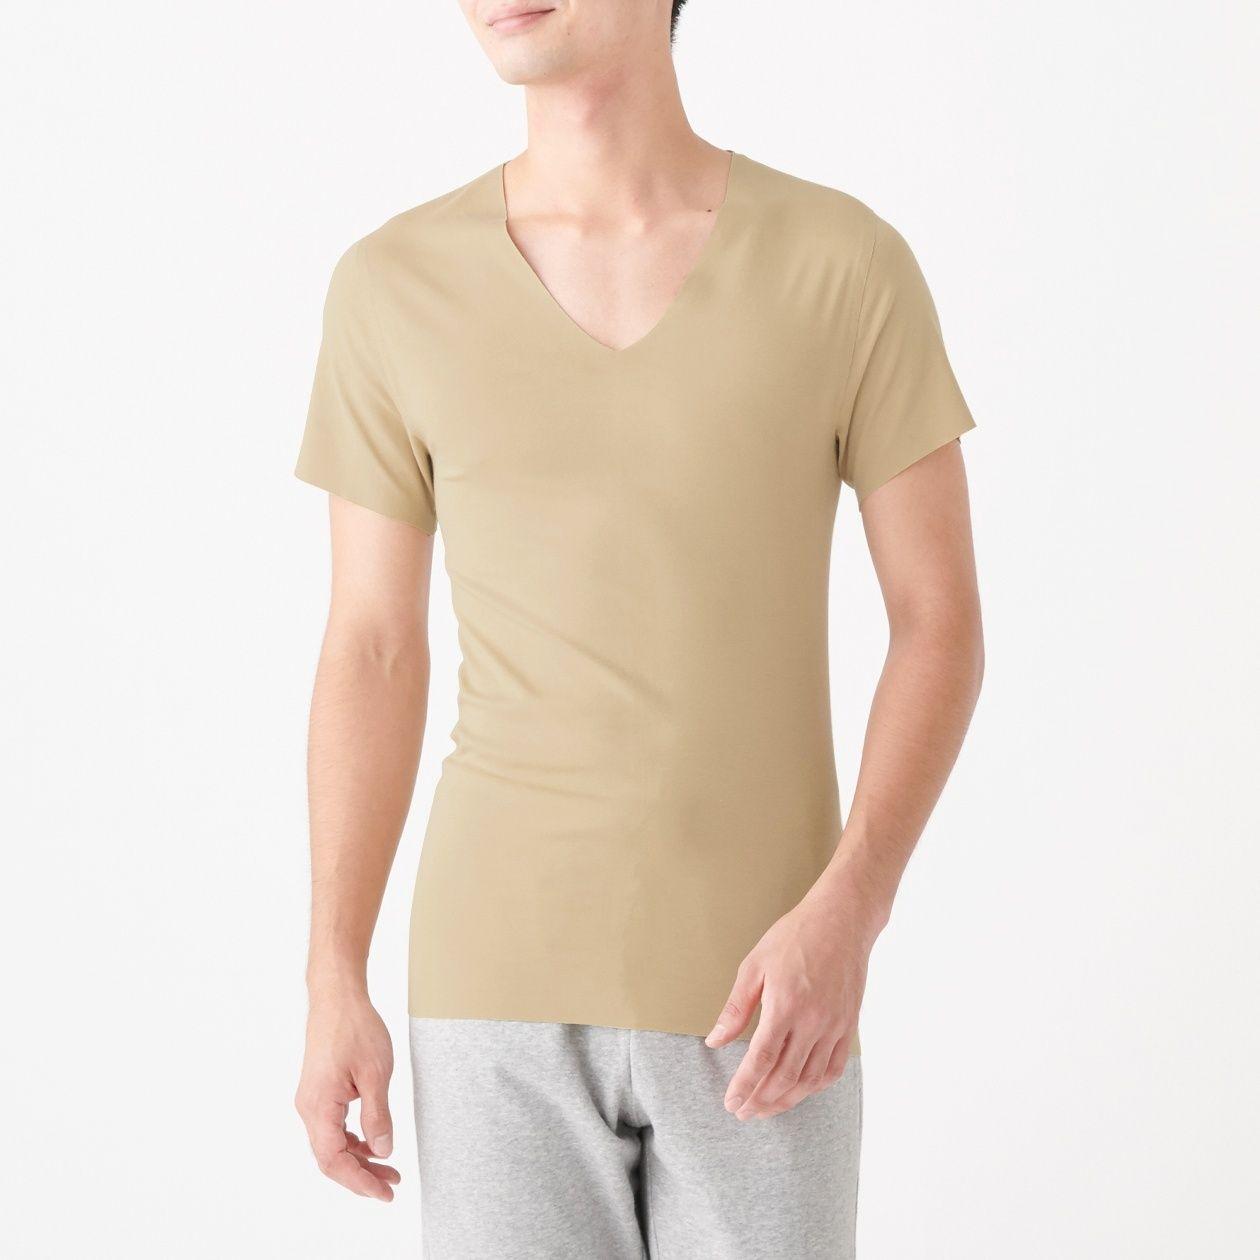 どこにも縫い目がないVネック半袖Tシャツ